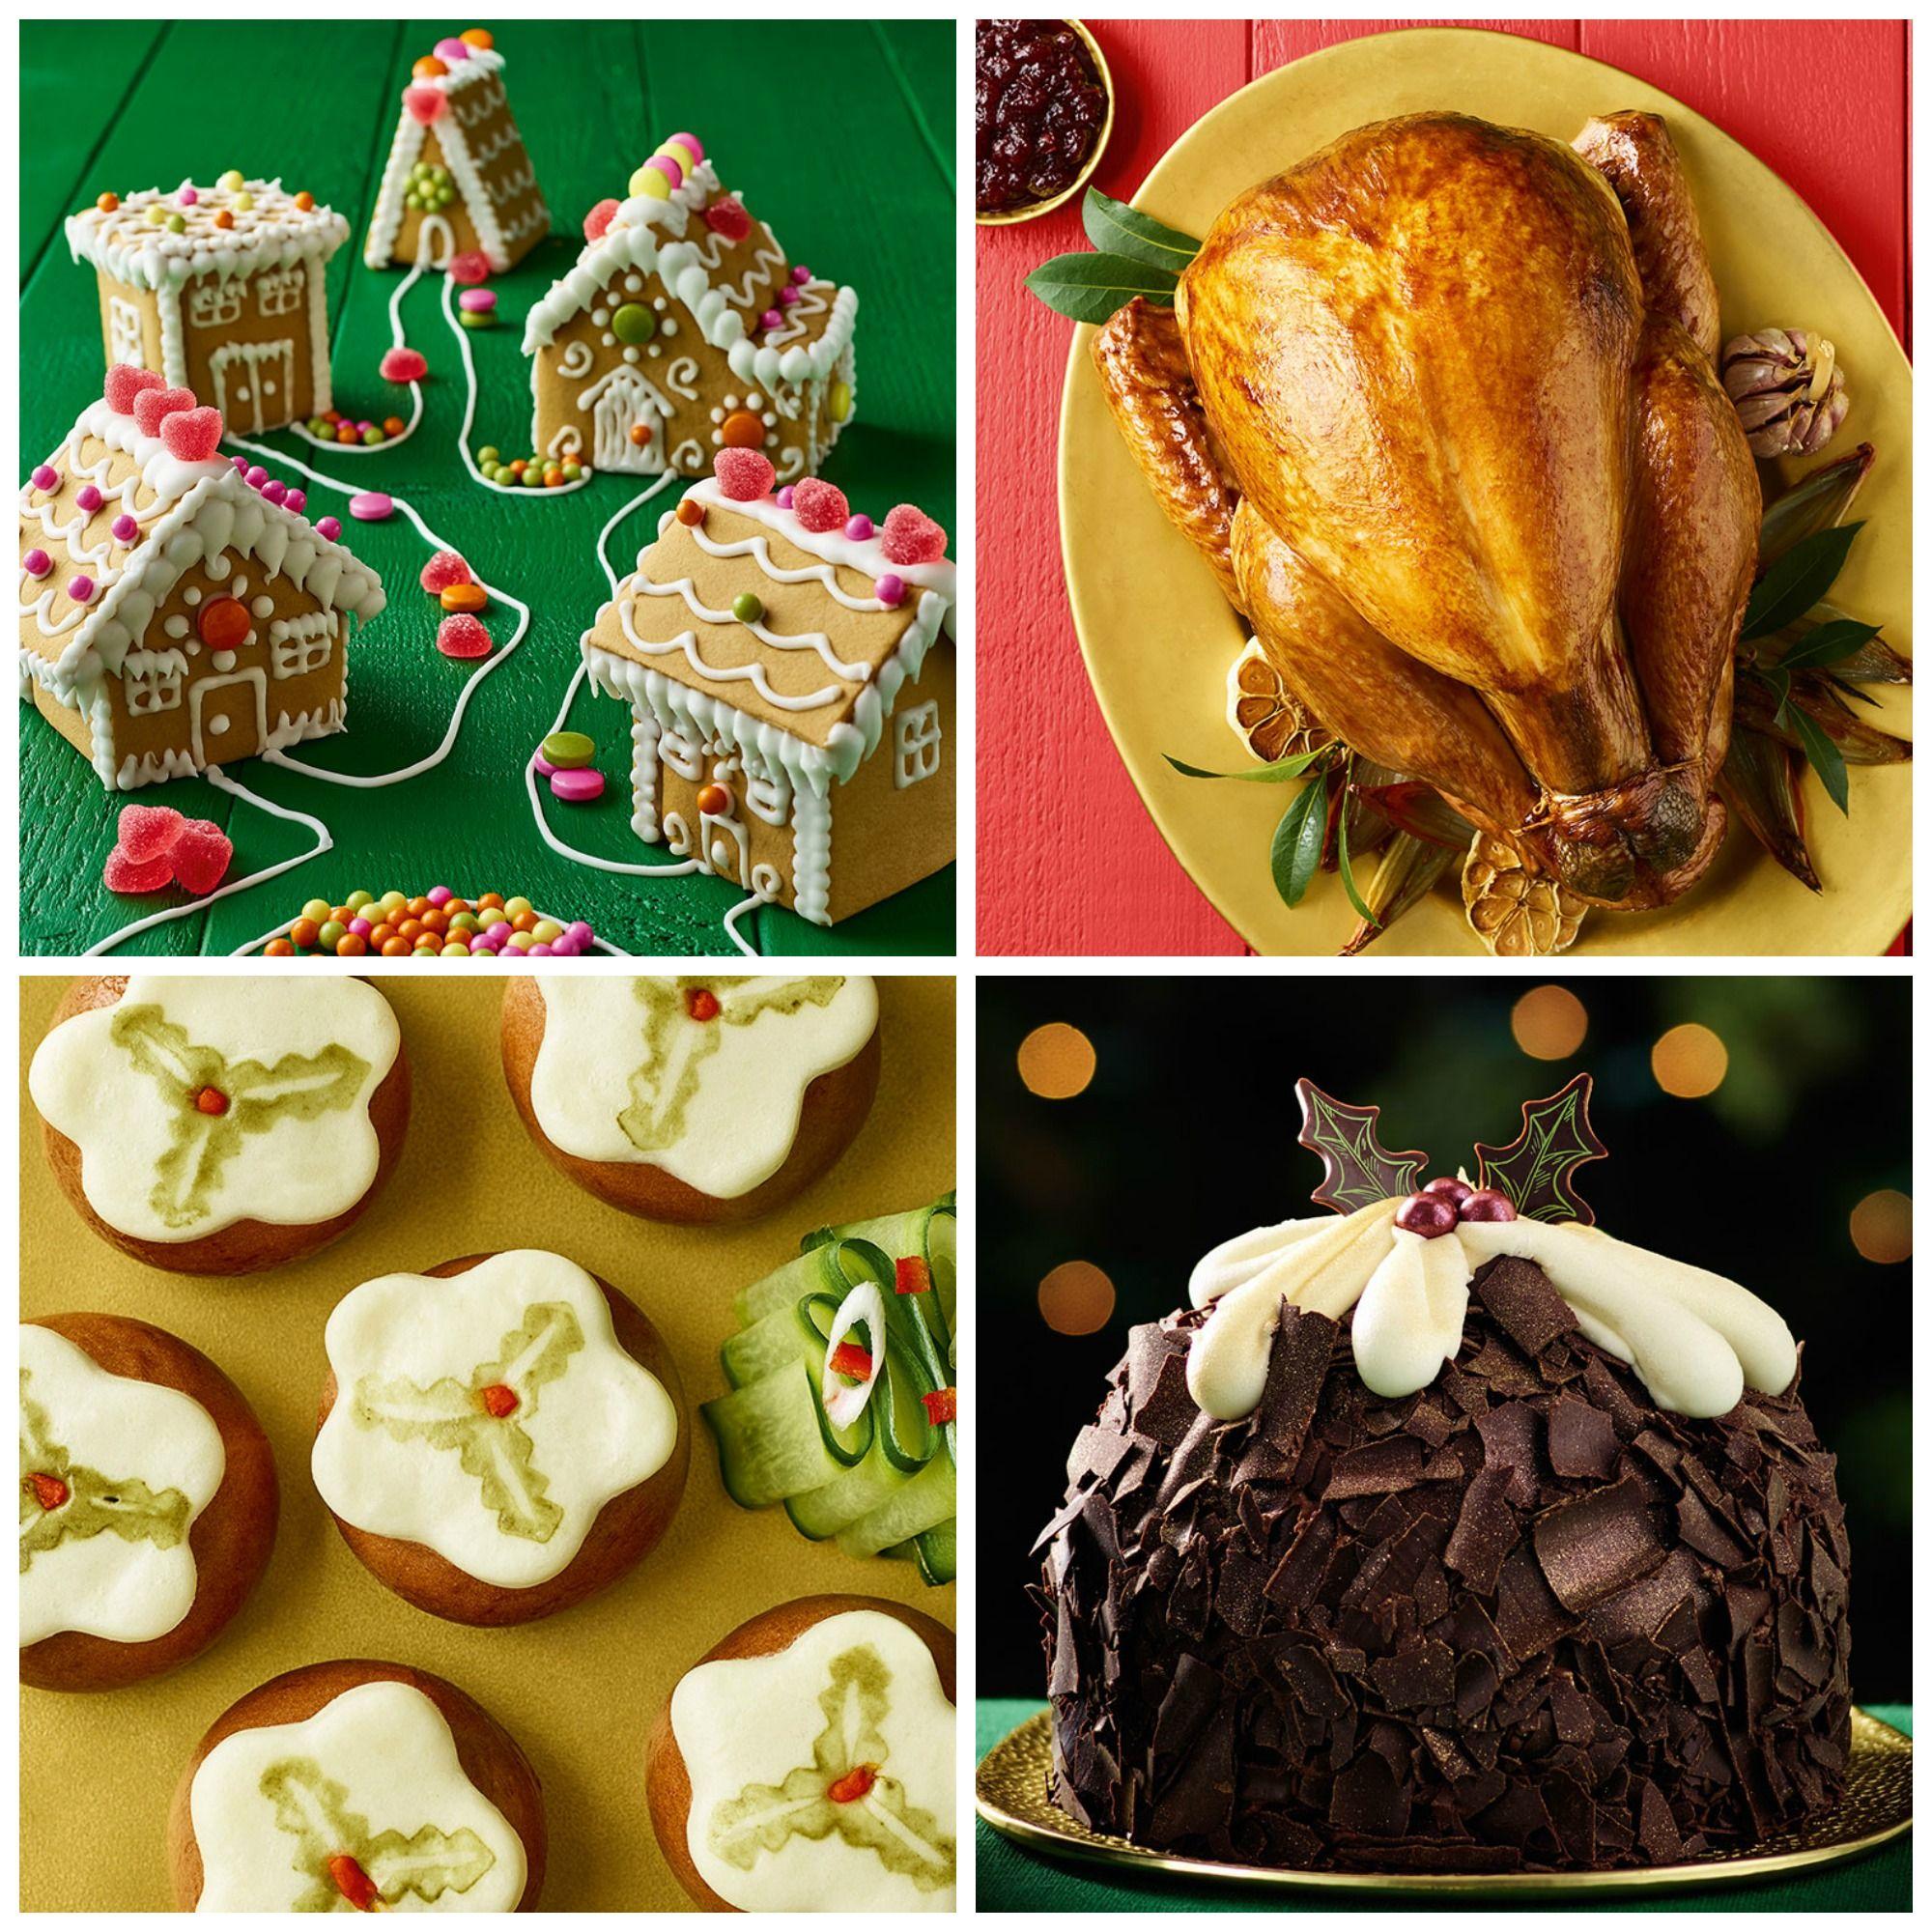 Morrisons <b>Christmas food</b> - <b>Christmas food</b> from Morrisons <b>2018</b>